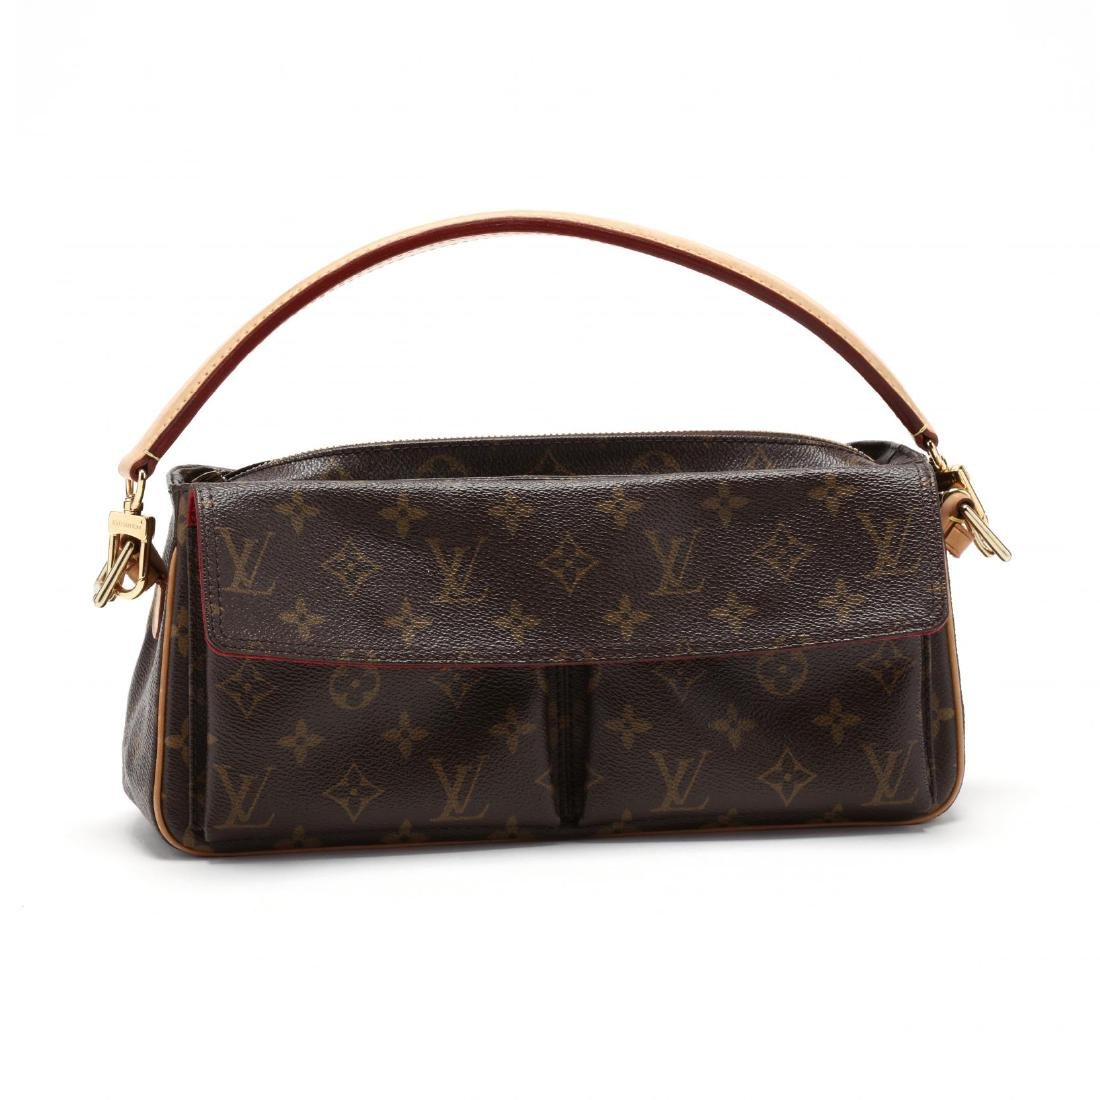 Top Handle City Bag,  Viva Cite , Louis Vuitton